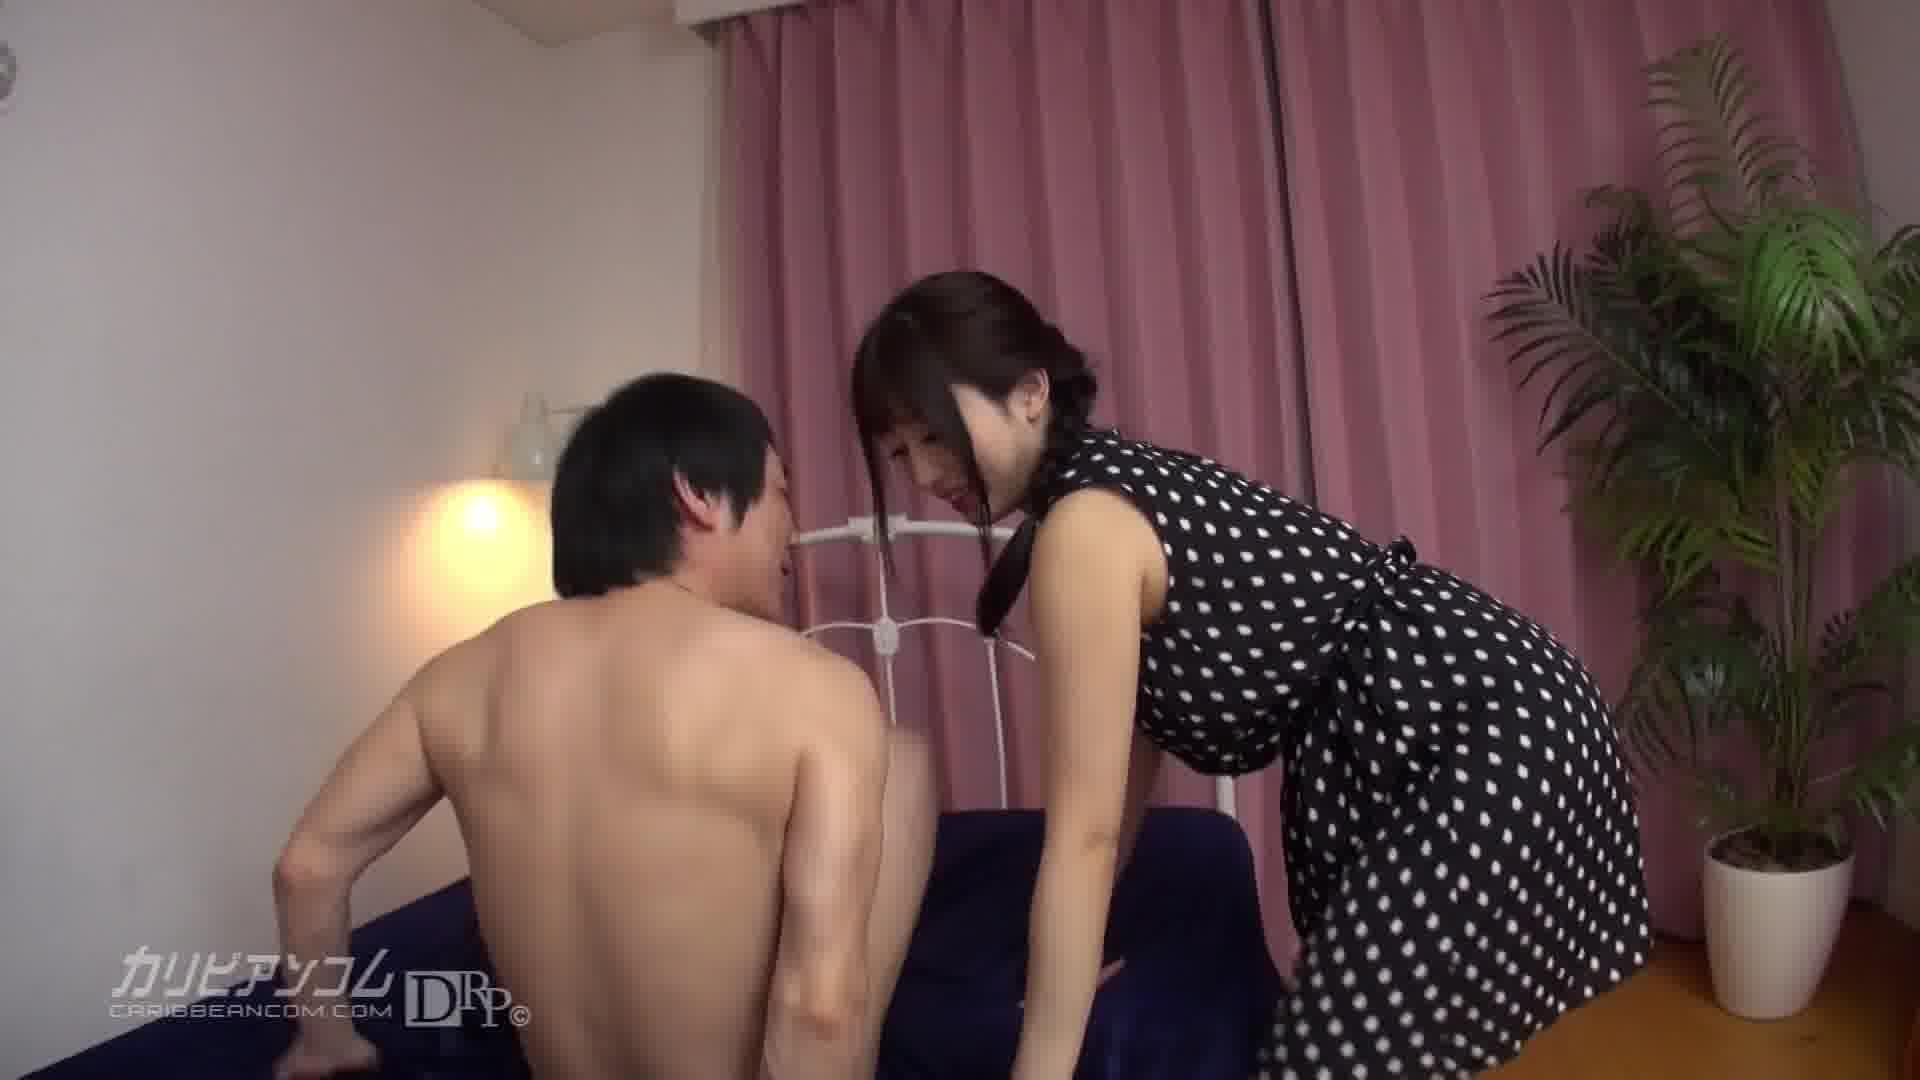 美しき変態 ~パイパンデリヘル嬢潮吹き編~ - 中野ありさ【痴女・風俗・そっくりさん】